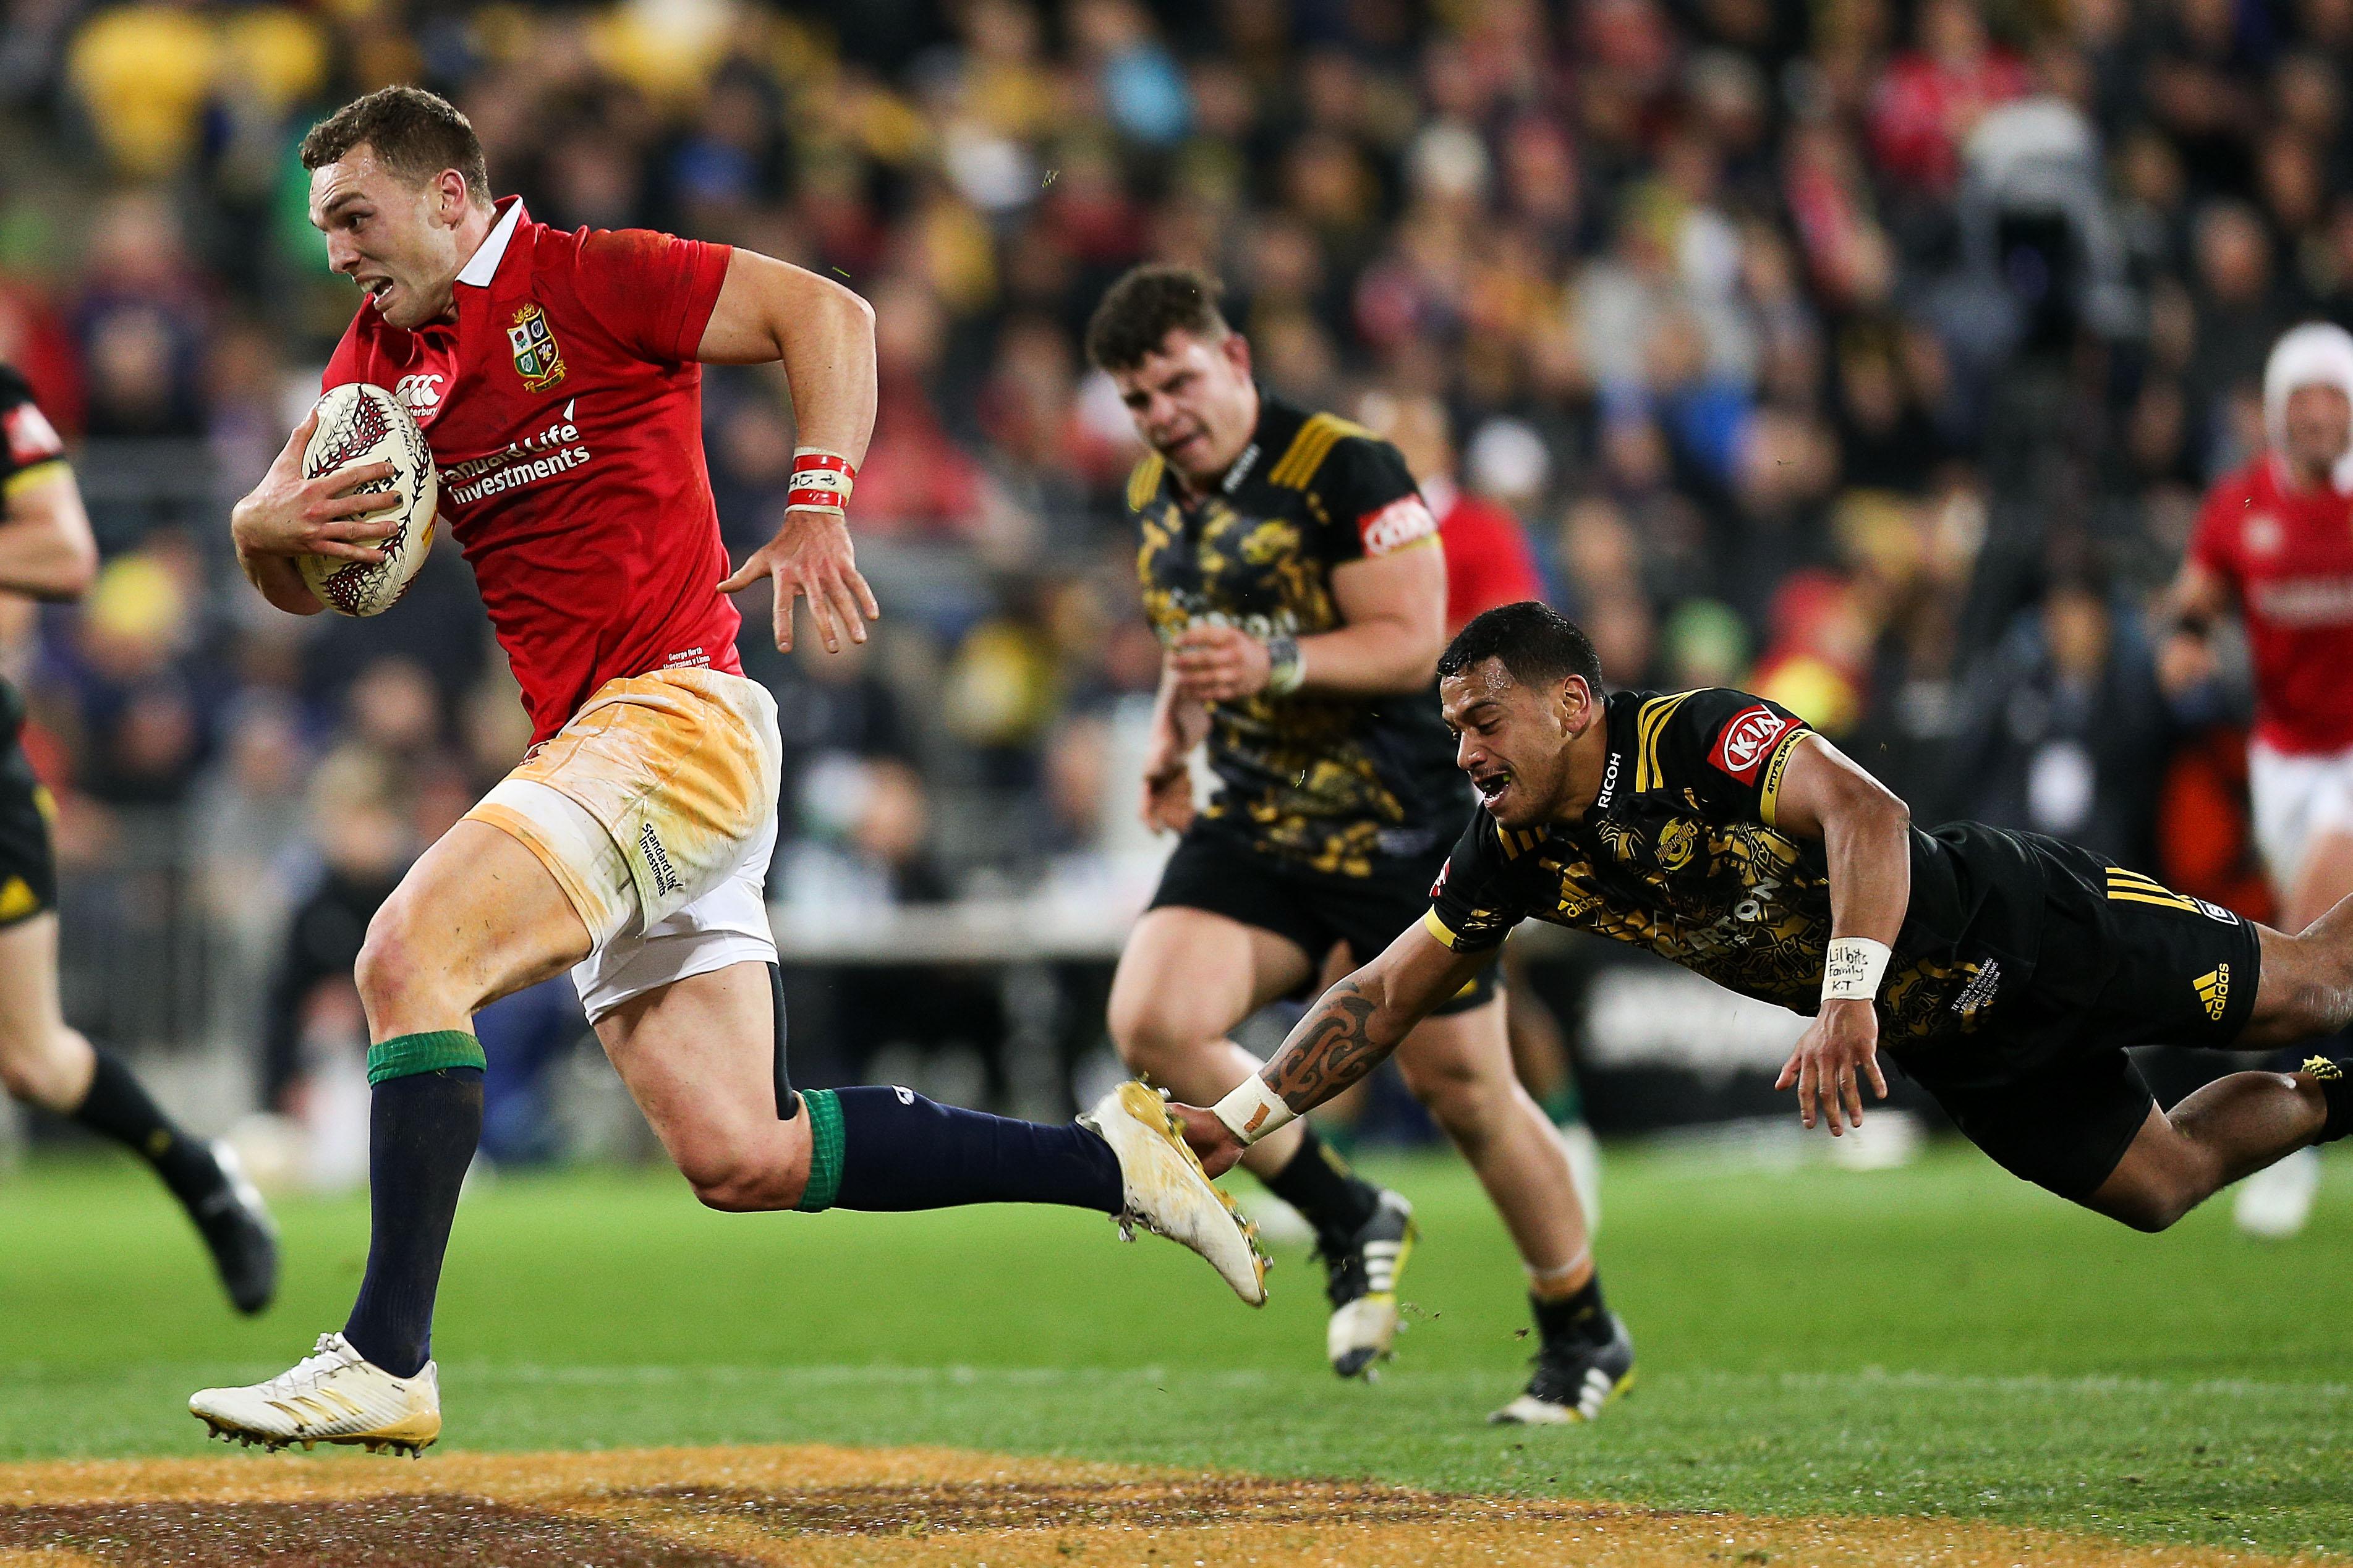 George North of the Lions beats the tackle of Te Toiroa Tahuriorangi of the Hurricanes to break...